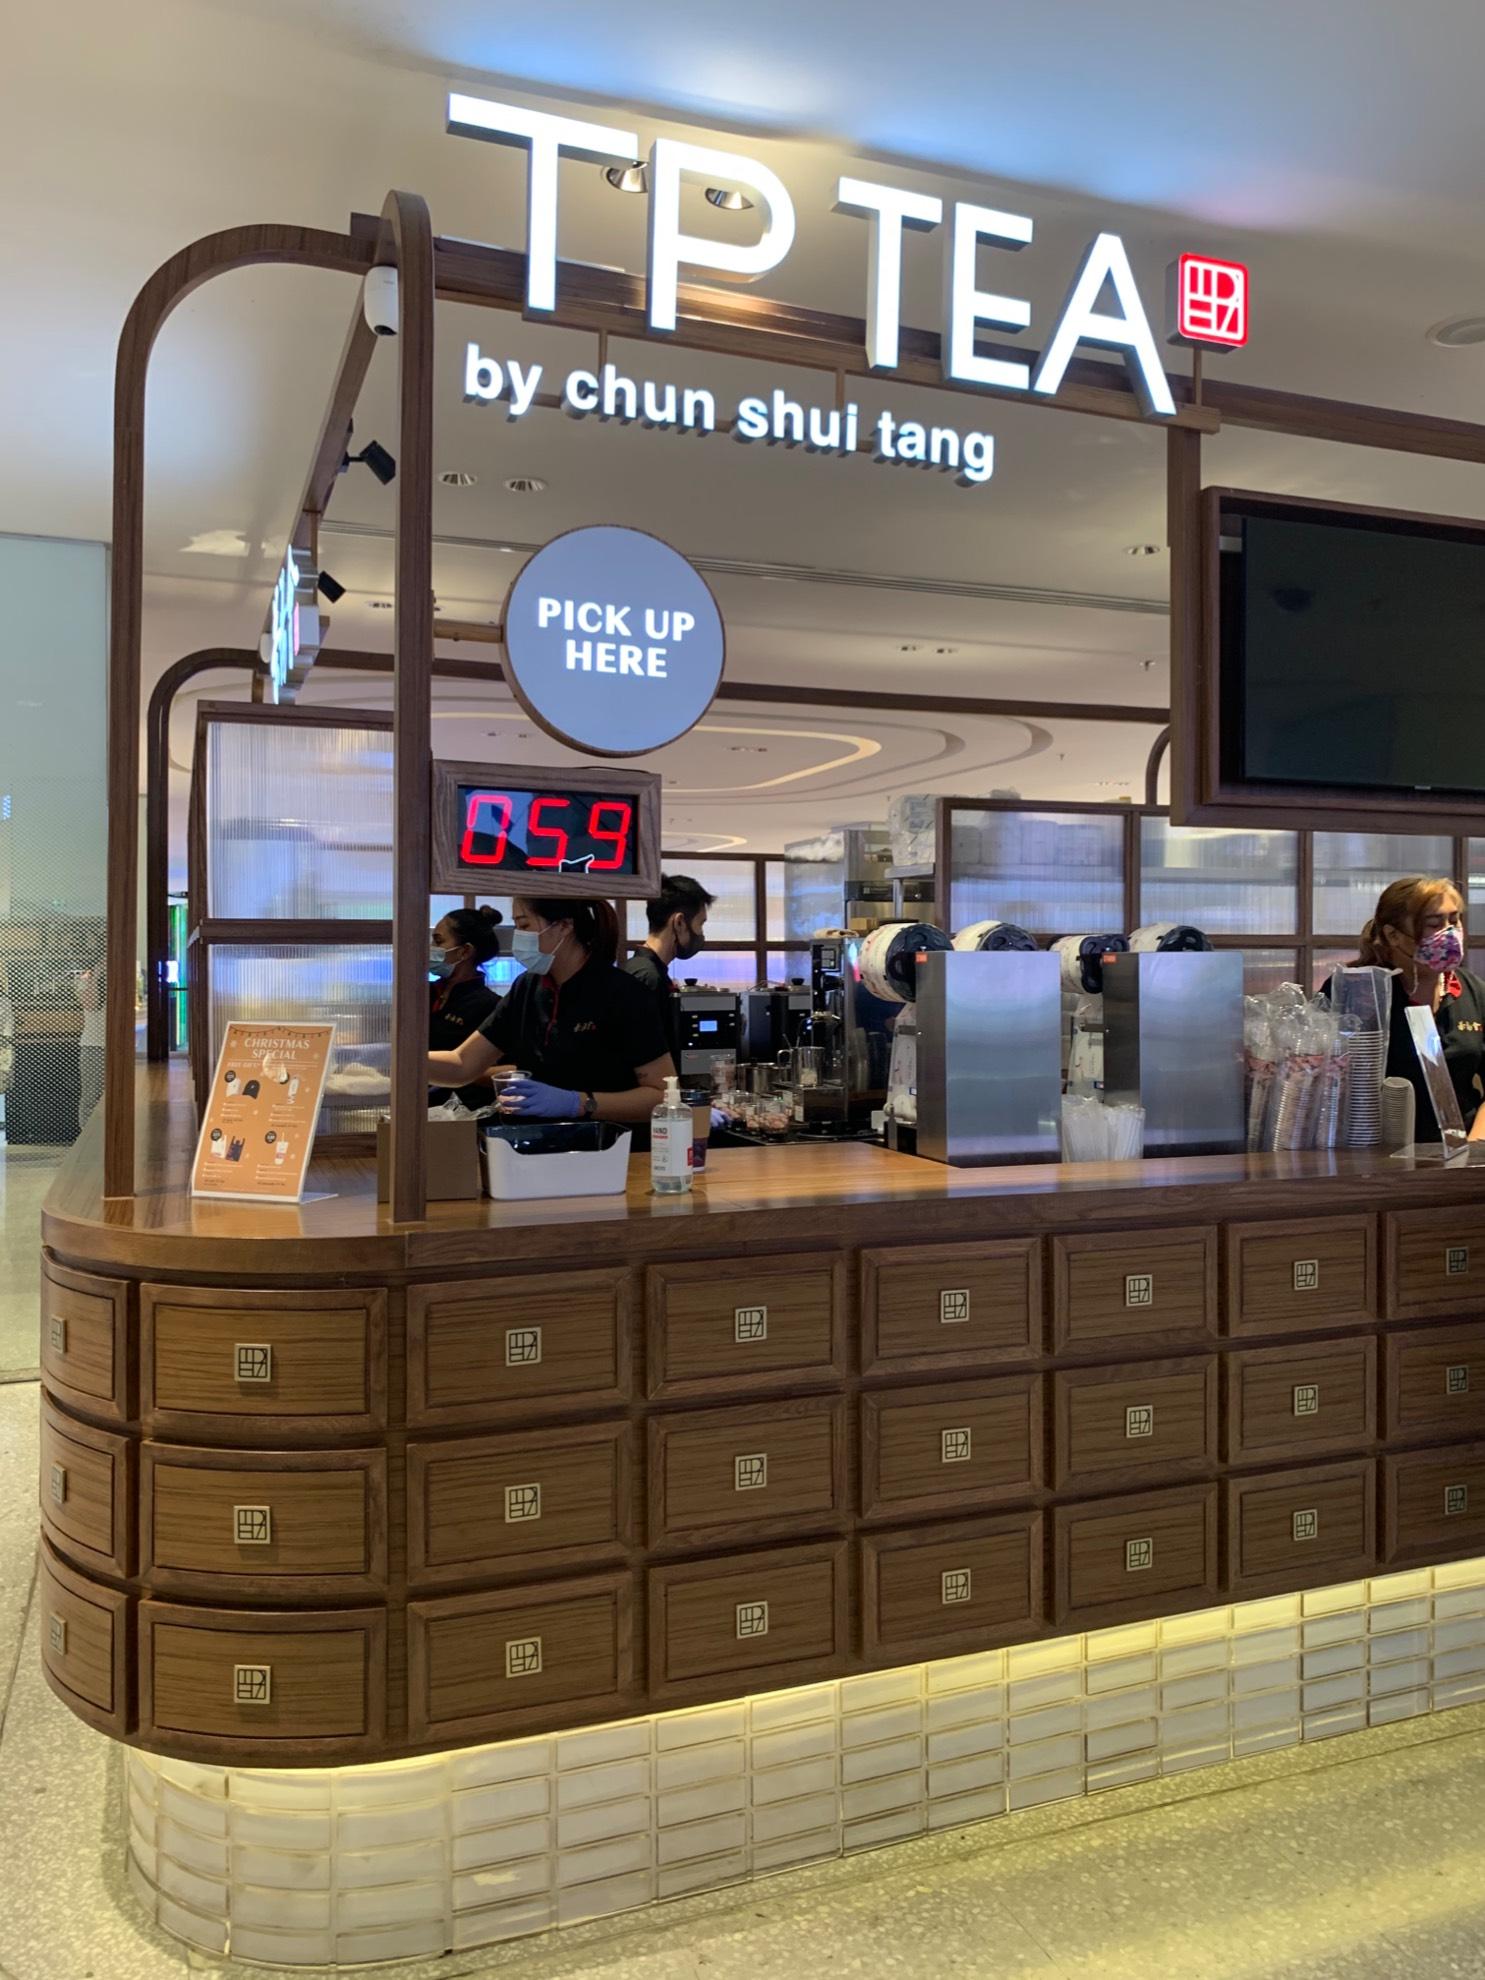 รีวิว TP Tea by Chun shui tang ชาไข่มุก ต้นตำรับเจ้าแรกของโลก